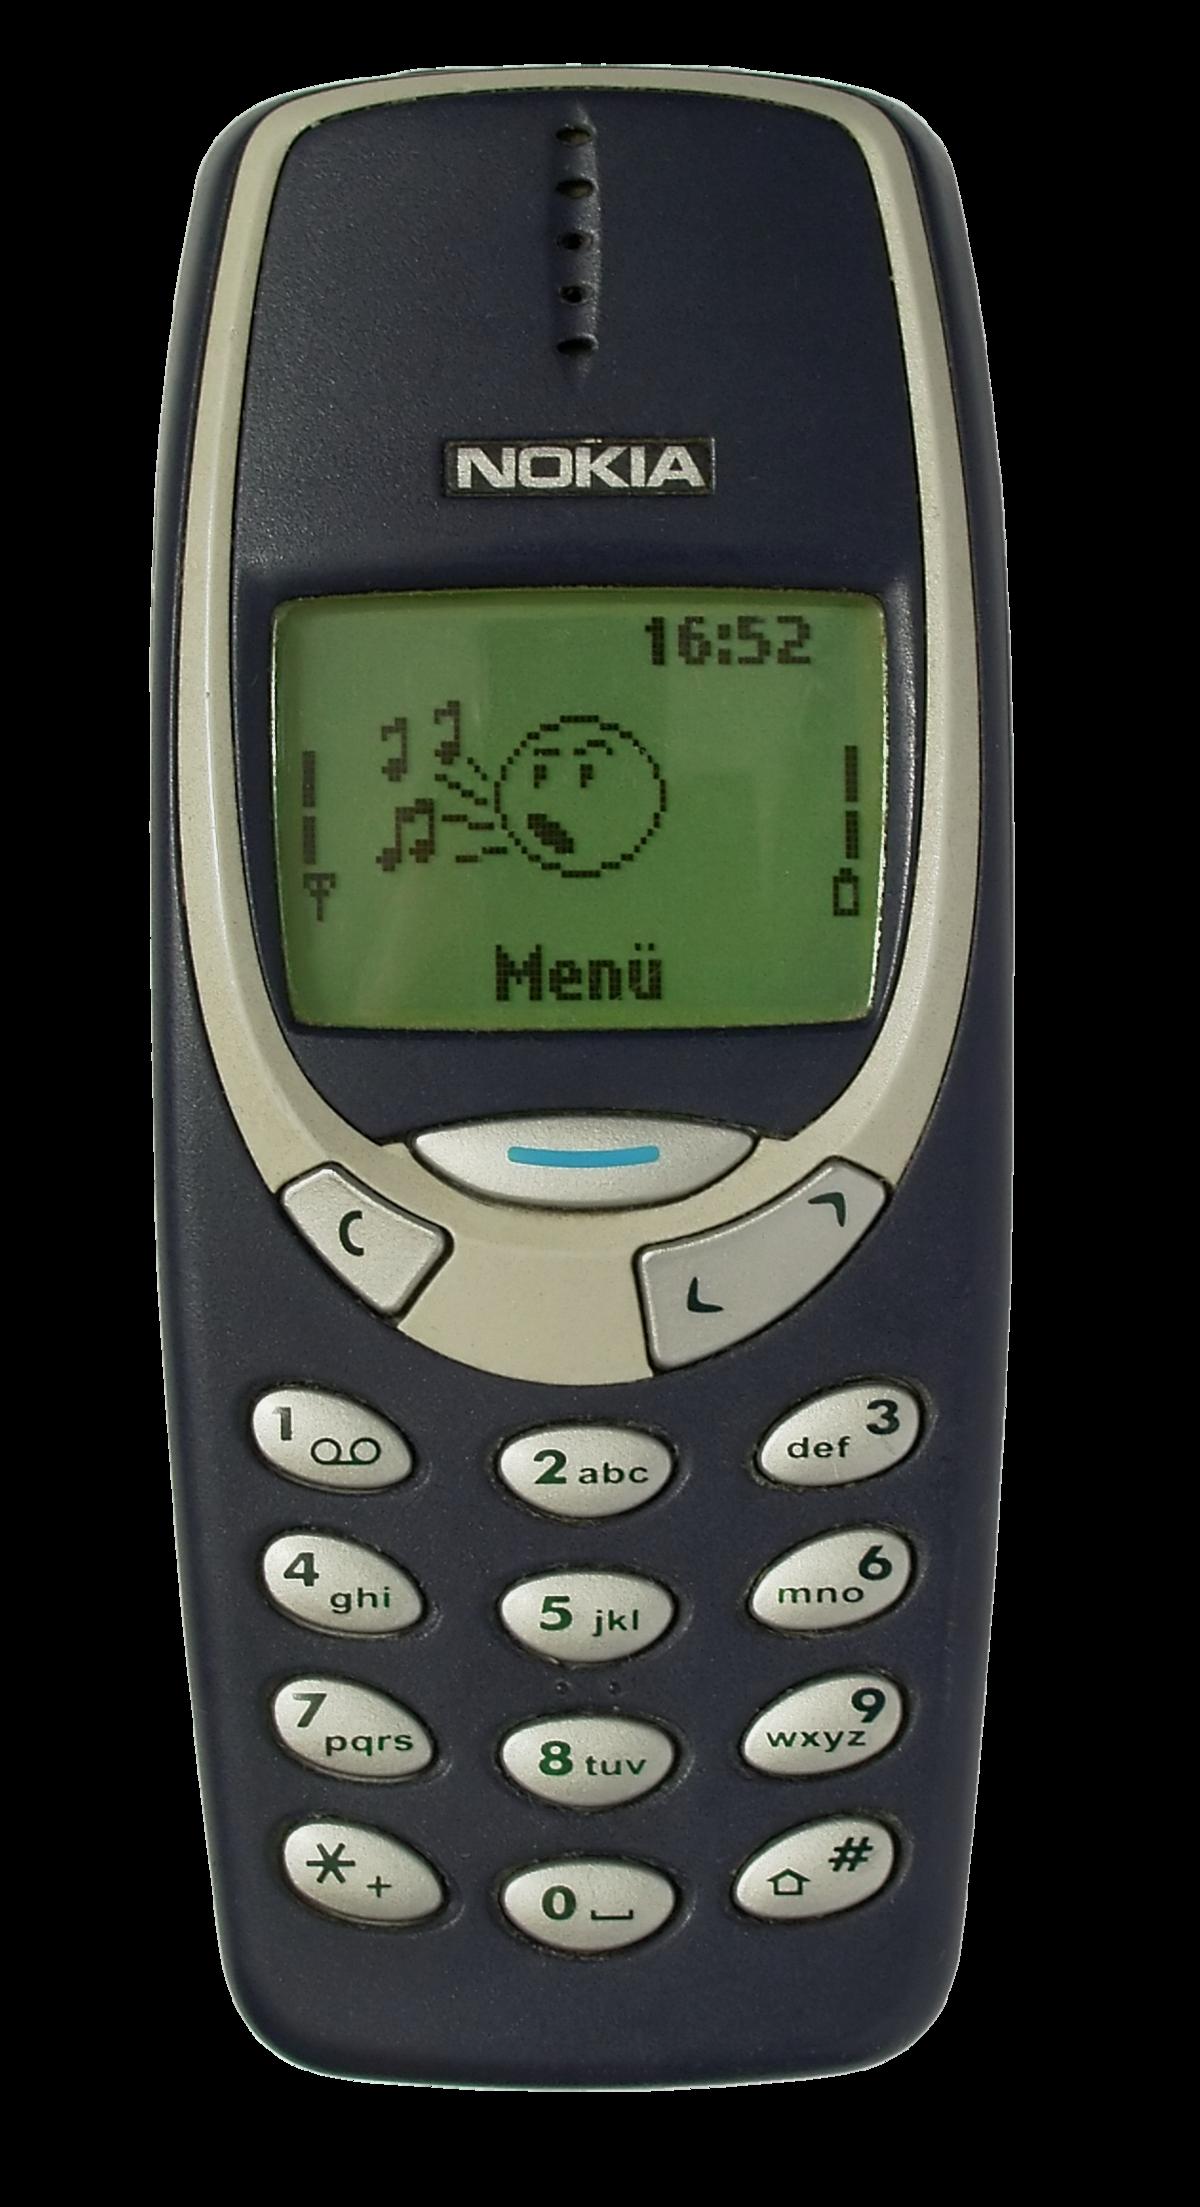 nokia 3310 � wikipedia